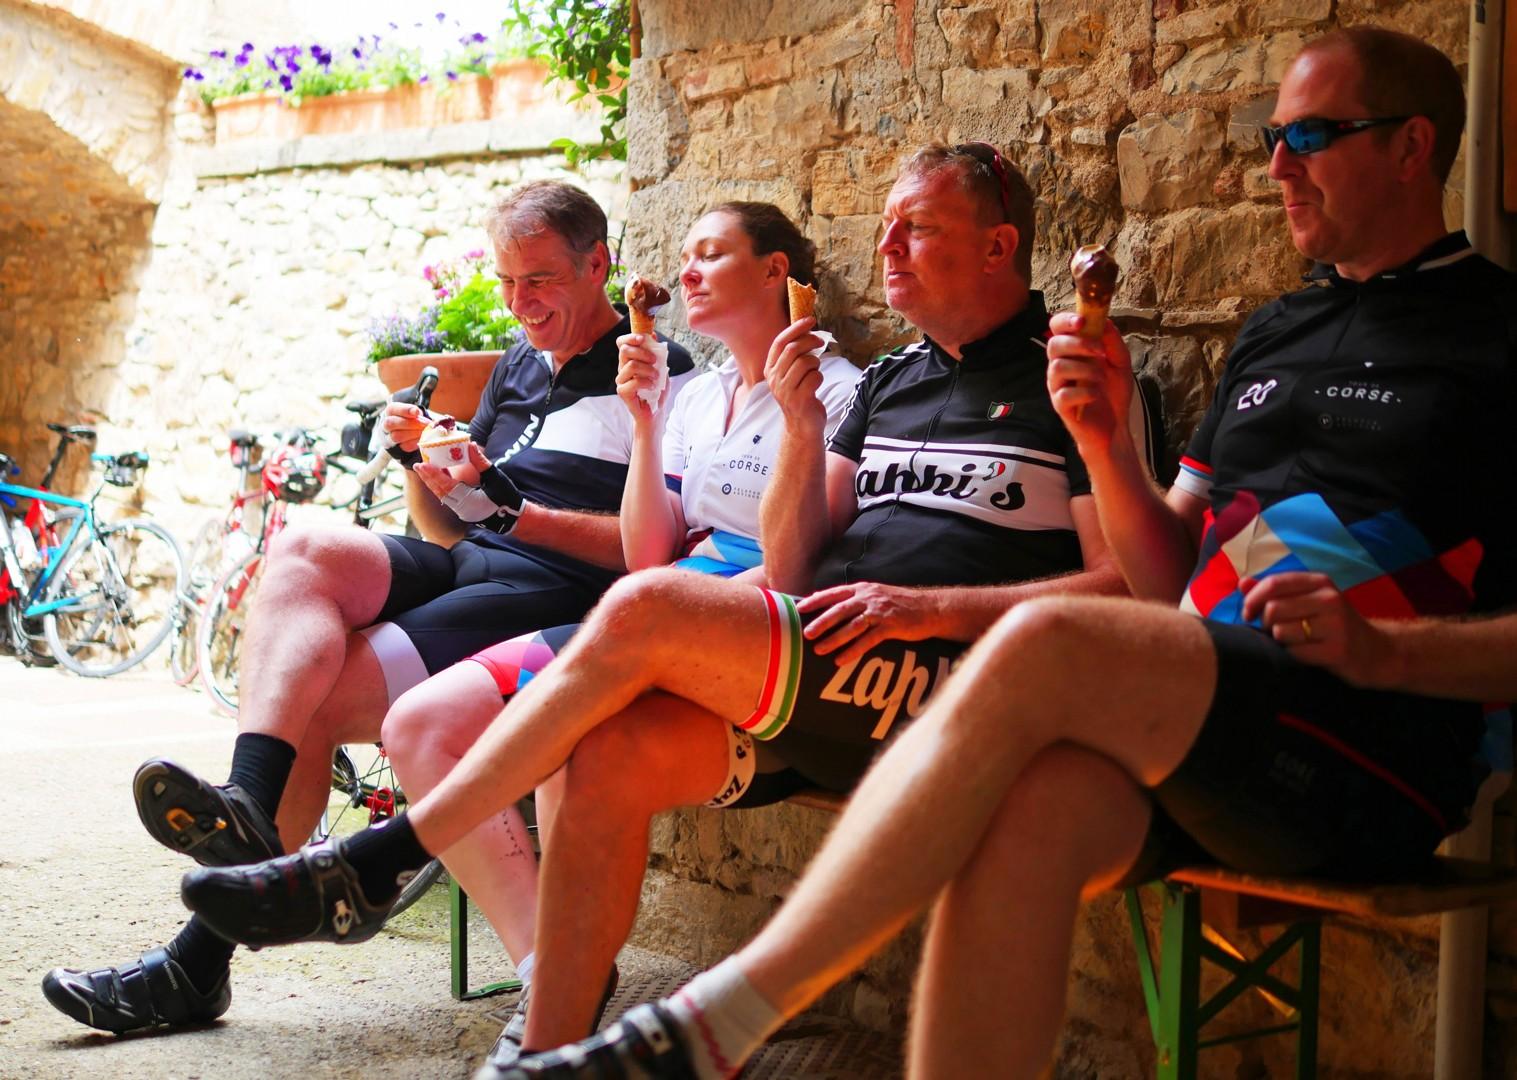 team-gelato-italy-tuscany-cycling-holiday.jpg - Italy - Tuscany Tourer - Self Guided Road Cycling Holiday - Italia Road Cycling